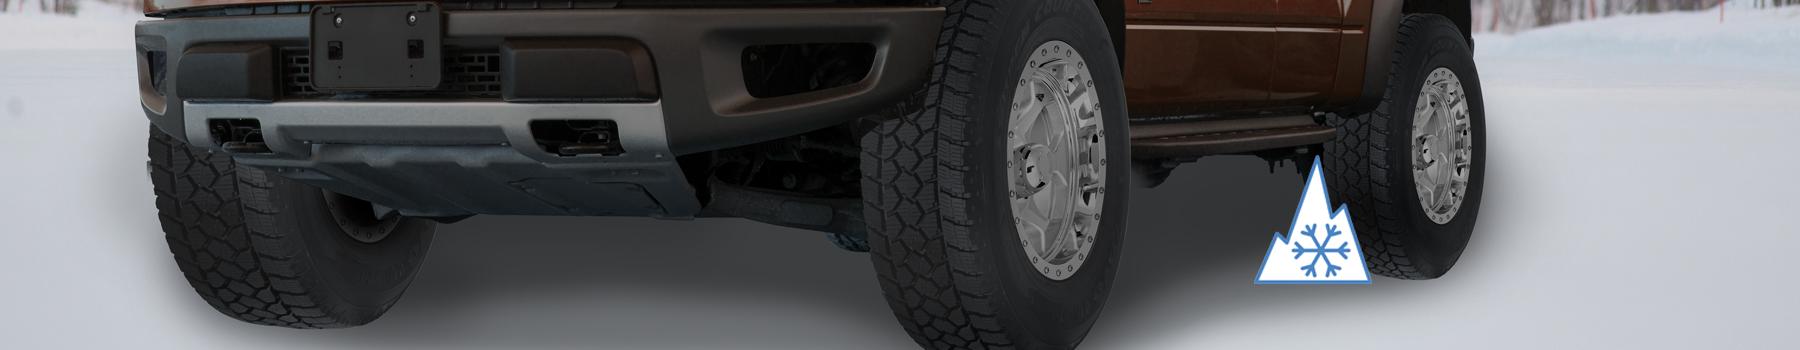 camion roulant dans la neige avec le pneu de camionnette d'hiver WLT1 de Toyo